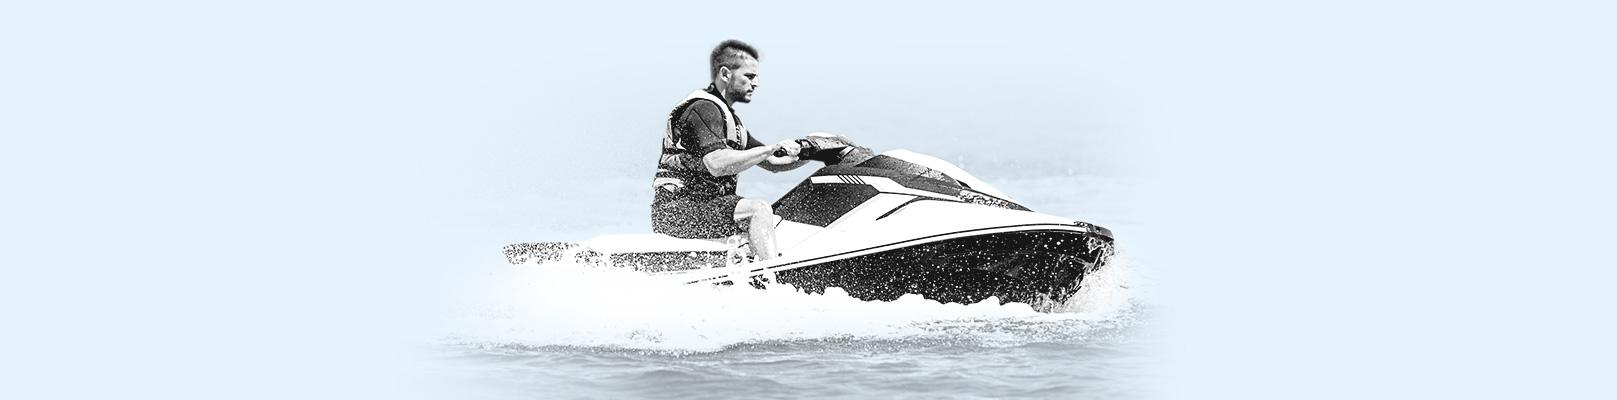 Un homme sur une moto-marine